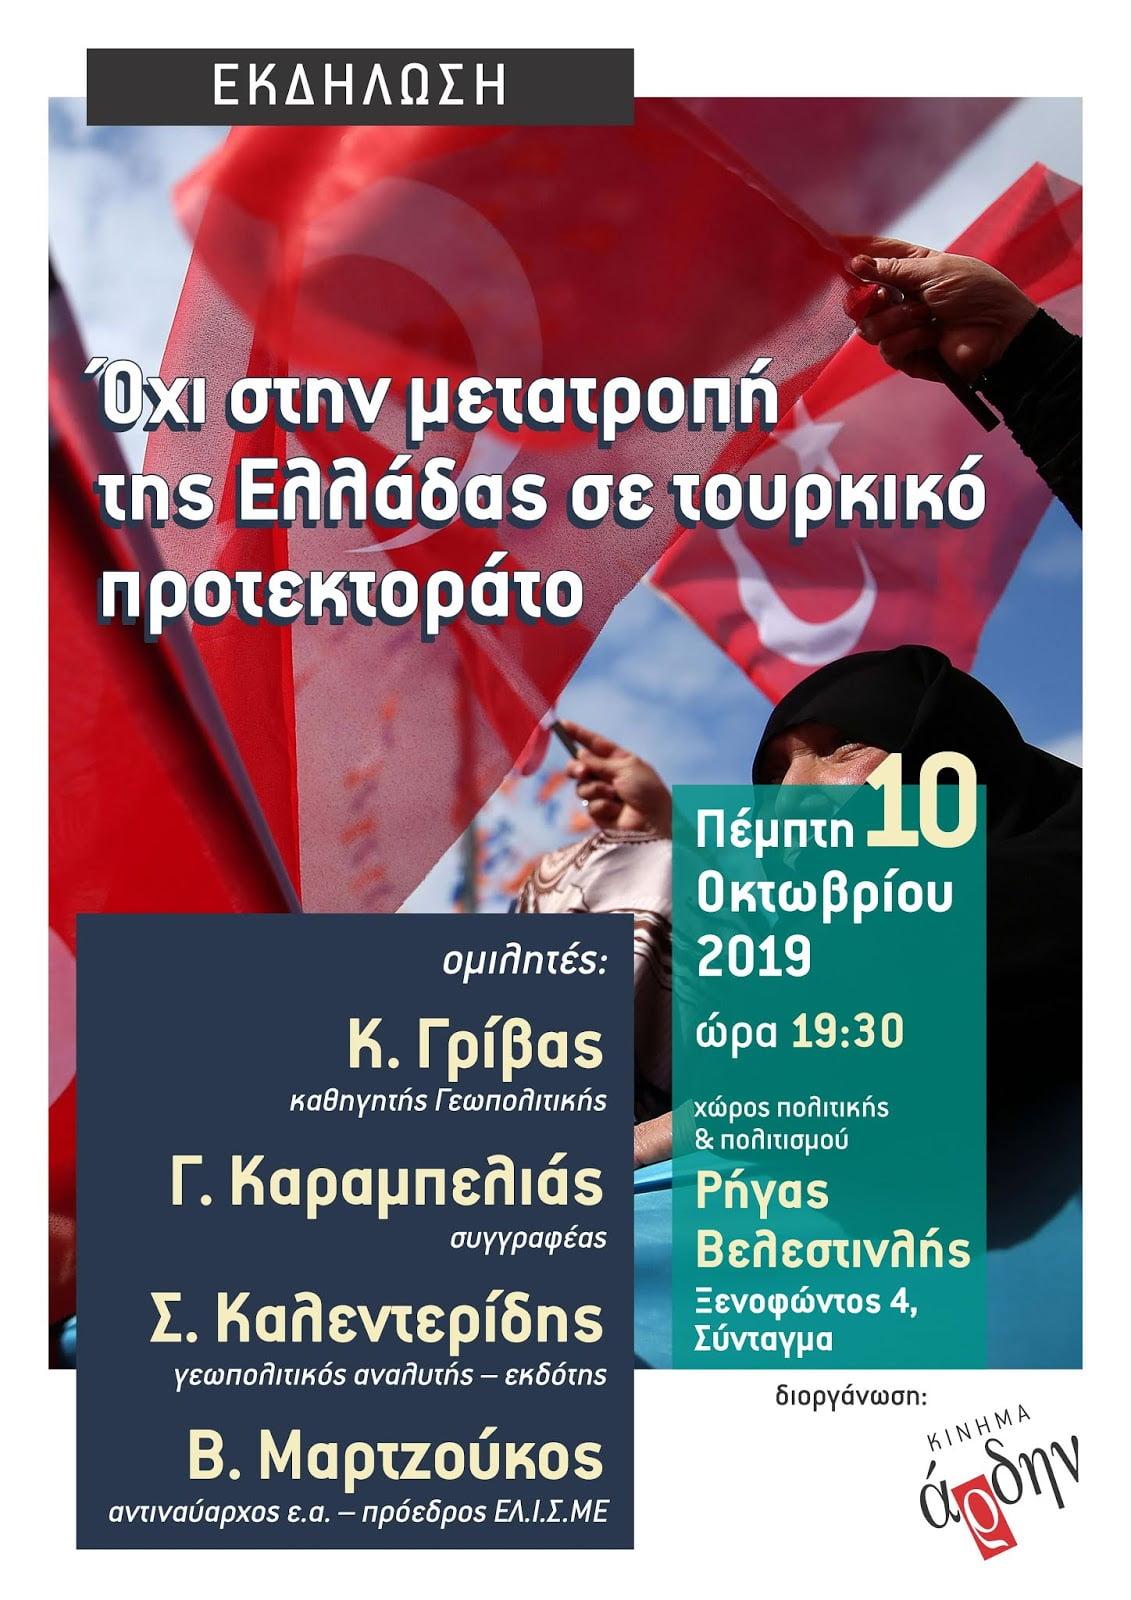 Εκδήλωση στο Άρδην με θέμα:  «Όχι στην μετατροπή της Ελλάδας σε τουρκικό προτεκτοράτο»